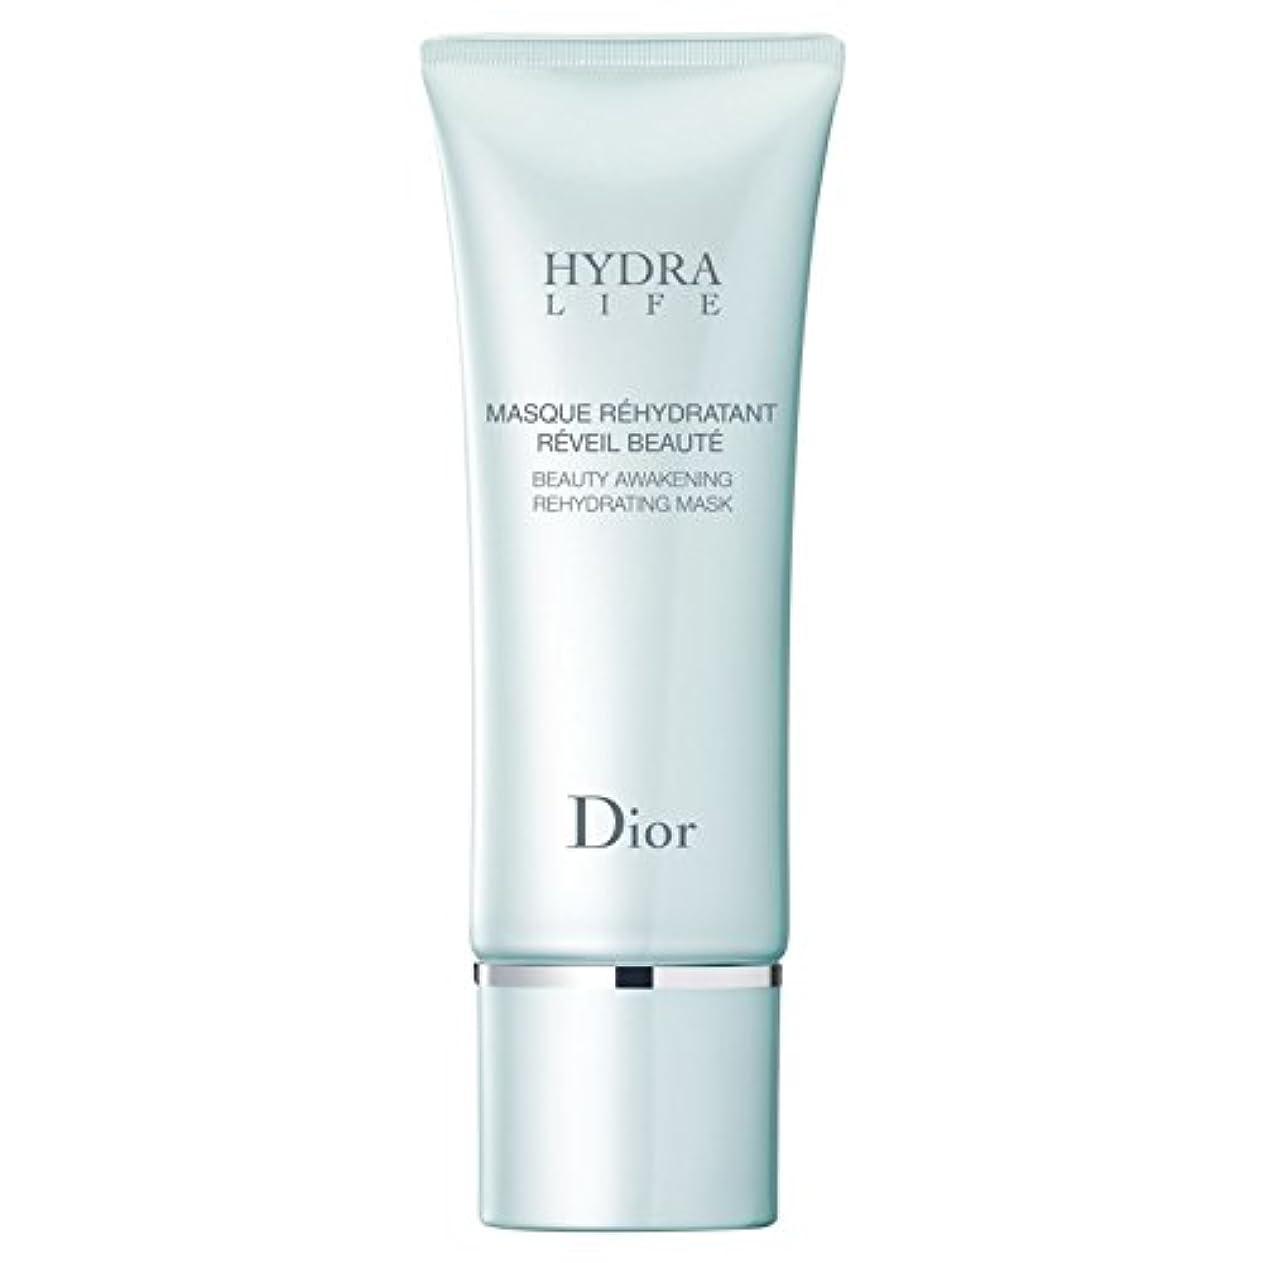 スナップ十代の若者たち宿題[Dior] マスク75ミリリットルを再水和ディオールヒドラ人生の美しさの目覚め - Dior Hydra Life Beauty Awakening Rehydrating Mask 75ml [並行輸入品]